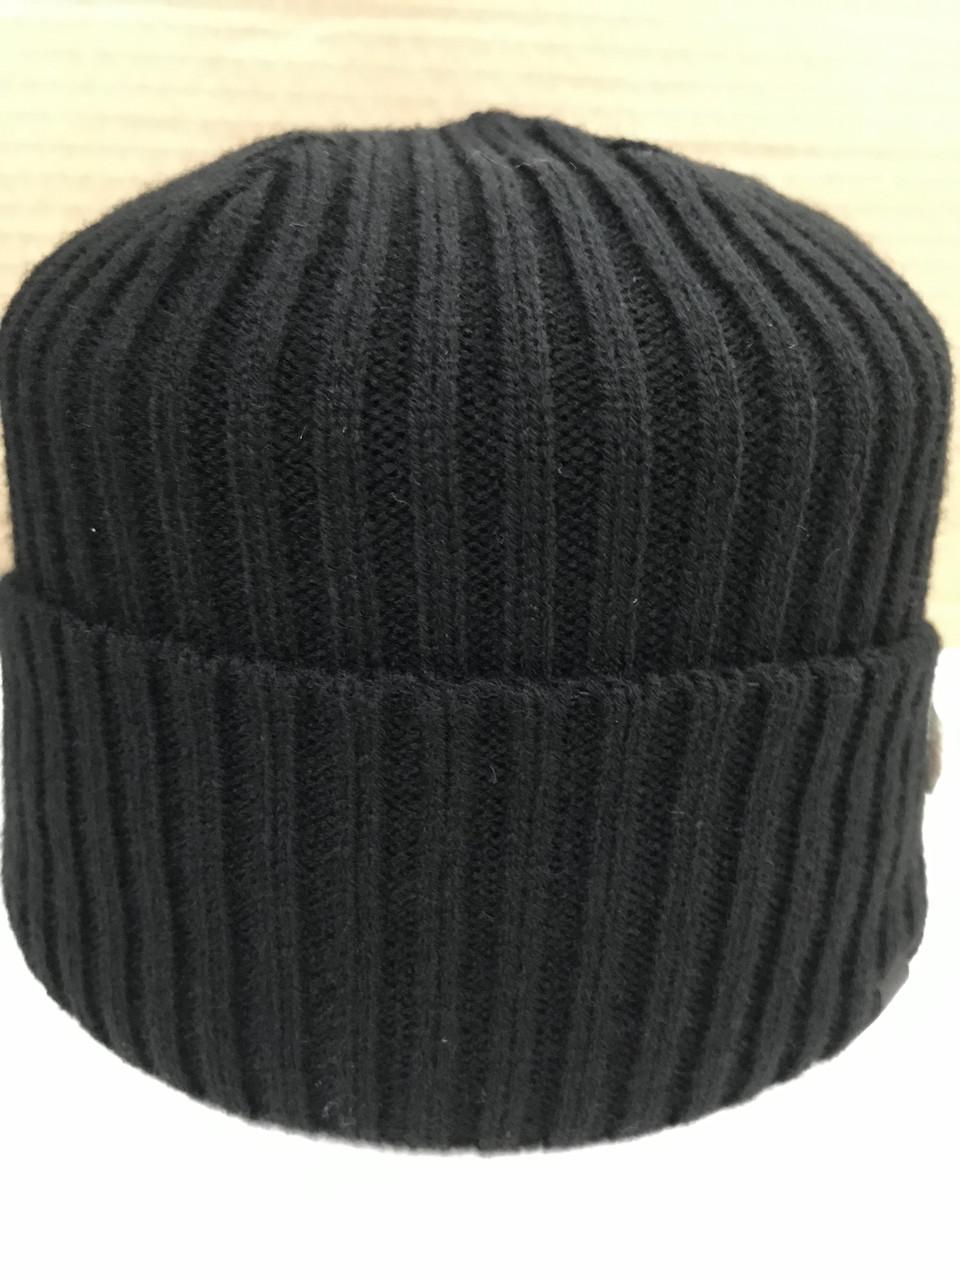 Чёрая мужская классическая шапка  с отворотом без флиса